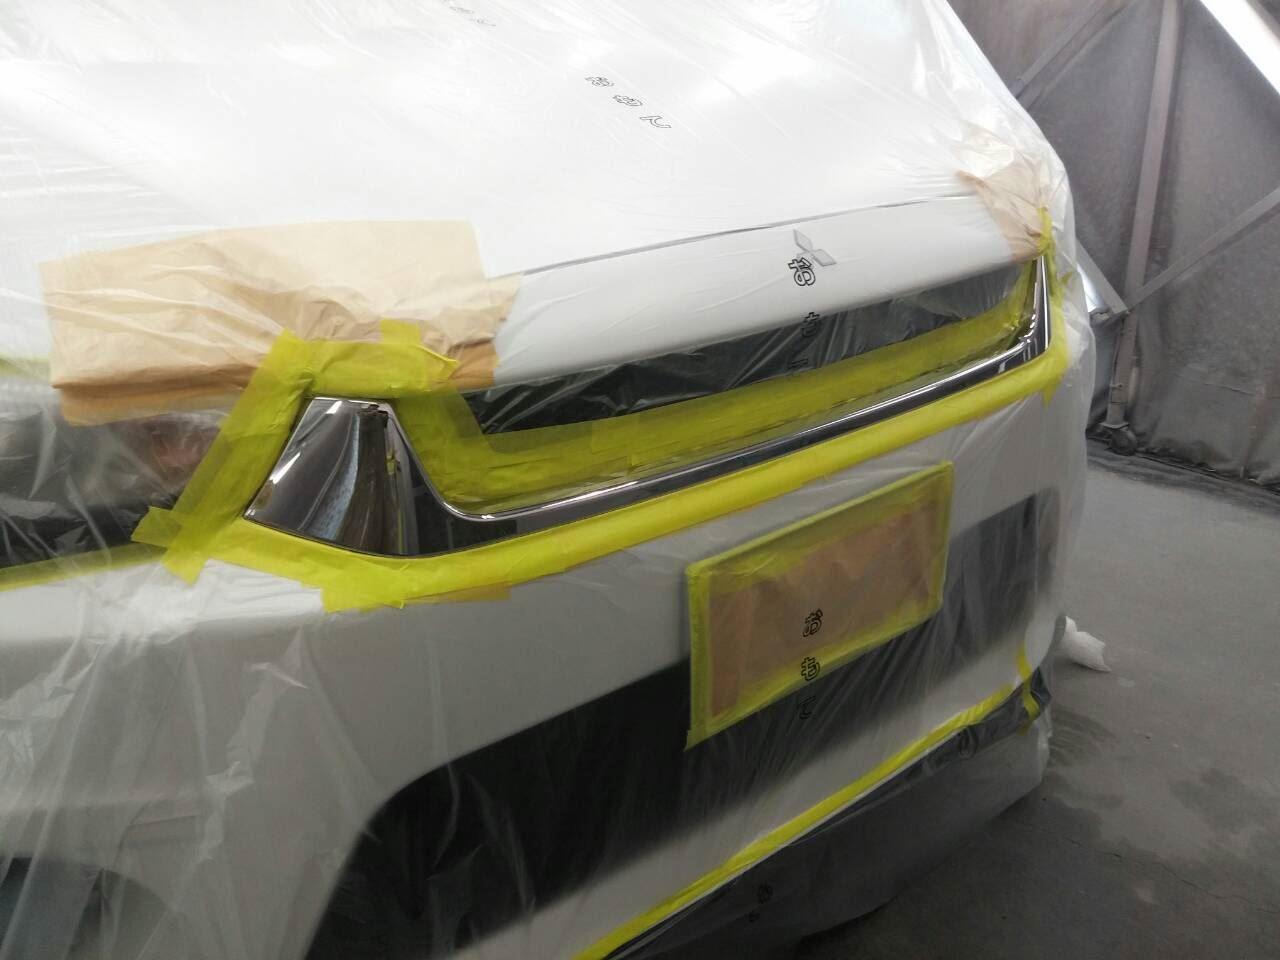 東京都立川市の車の板金塗装修理工場 ガレージローライドの三菱 RVRのカスタム等 です。